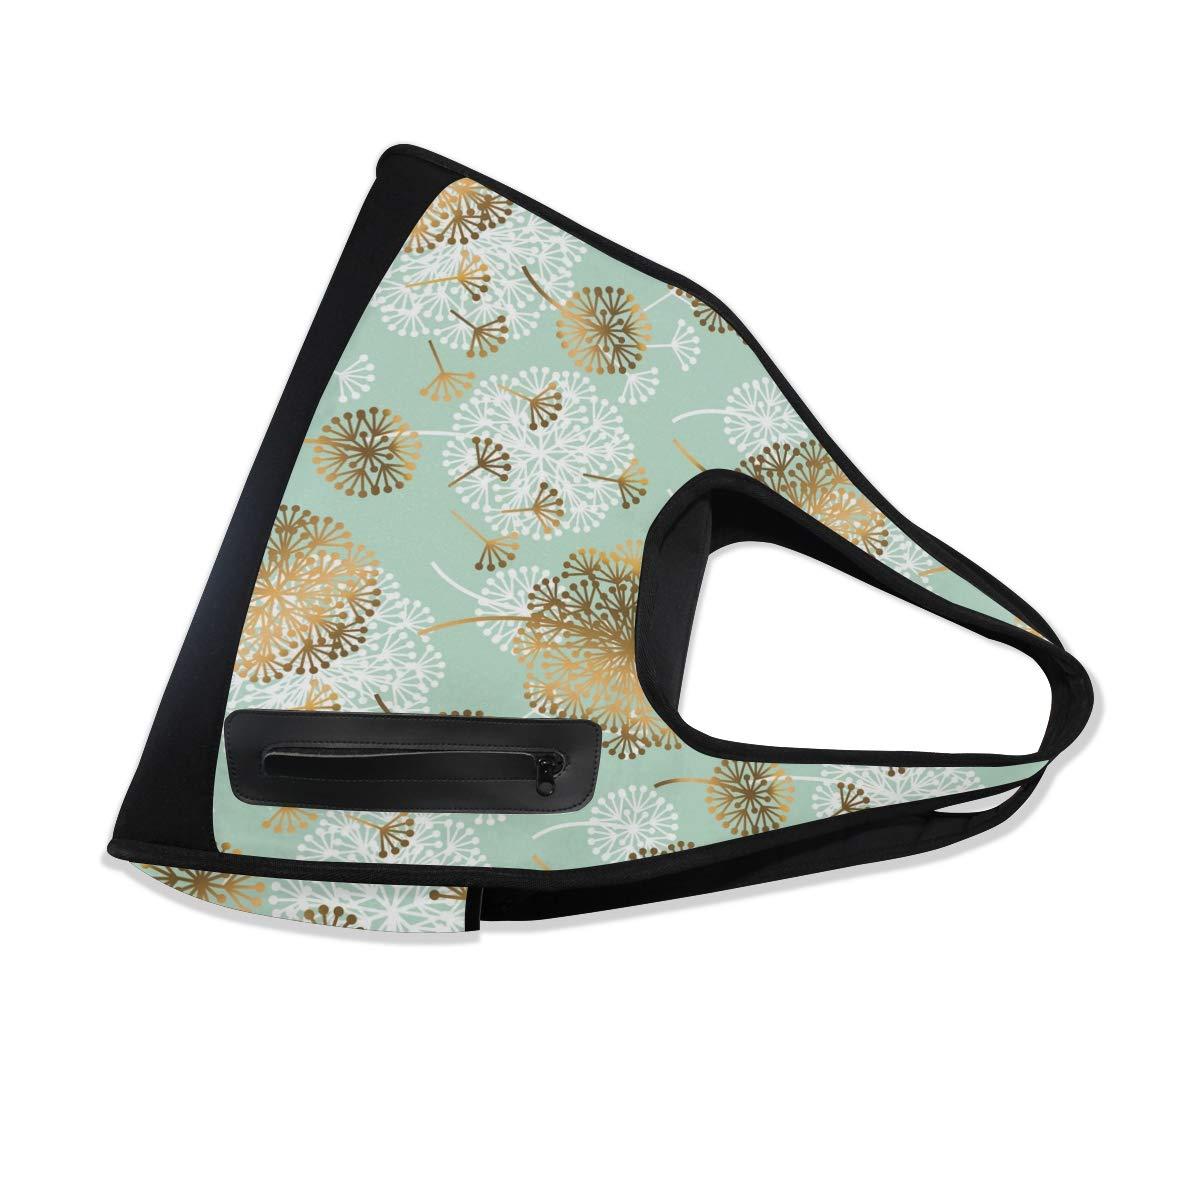 Unisex Travel Duffels Gym Bag Dandelion Flower Canvas Weekender Bag Shoulder Bag Totes bags